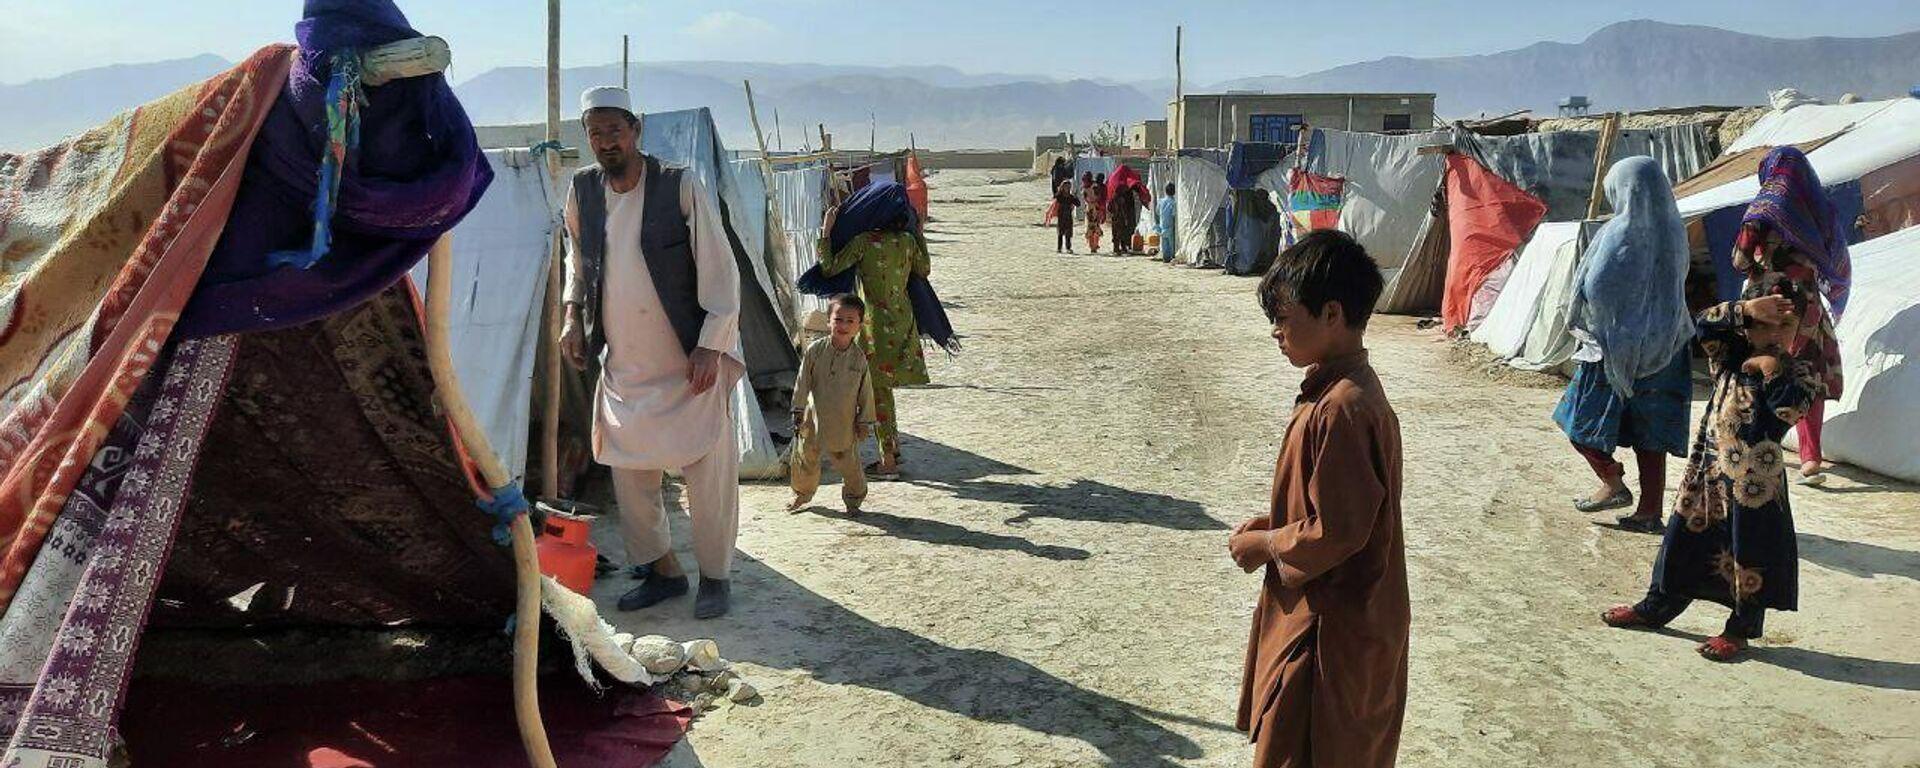 Лагерь беженцев в Мазари-Шарифе - Sputnik Таджикистан, 1920, 26.07.2021